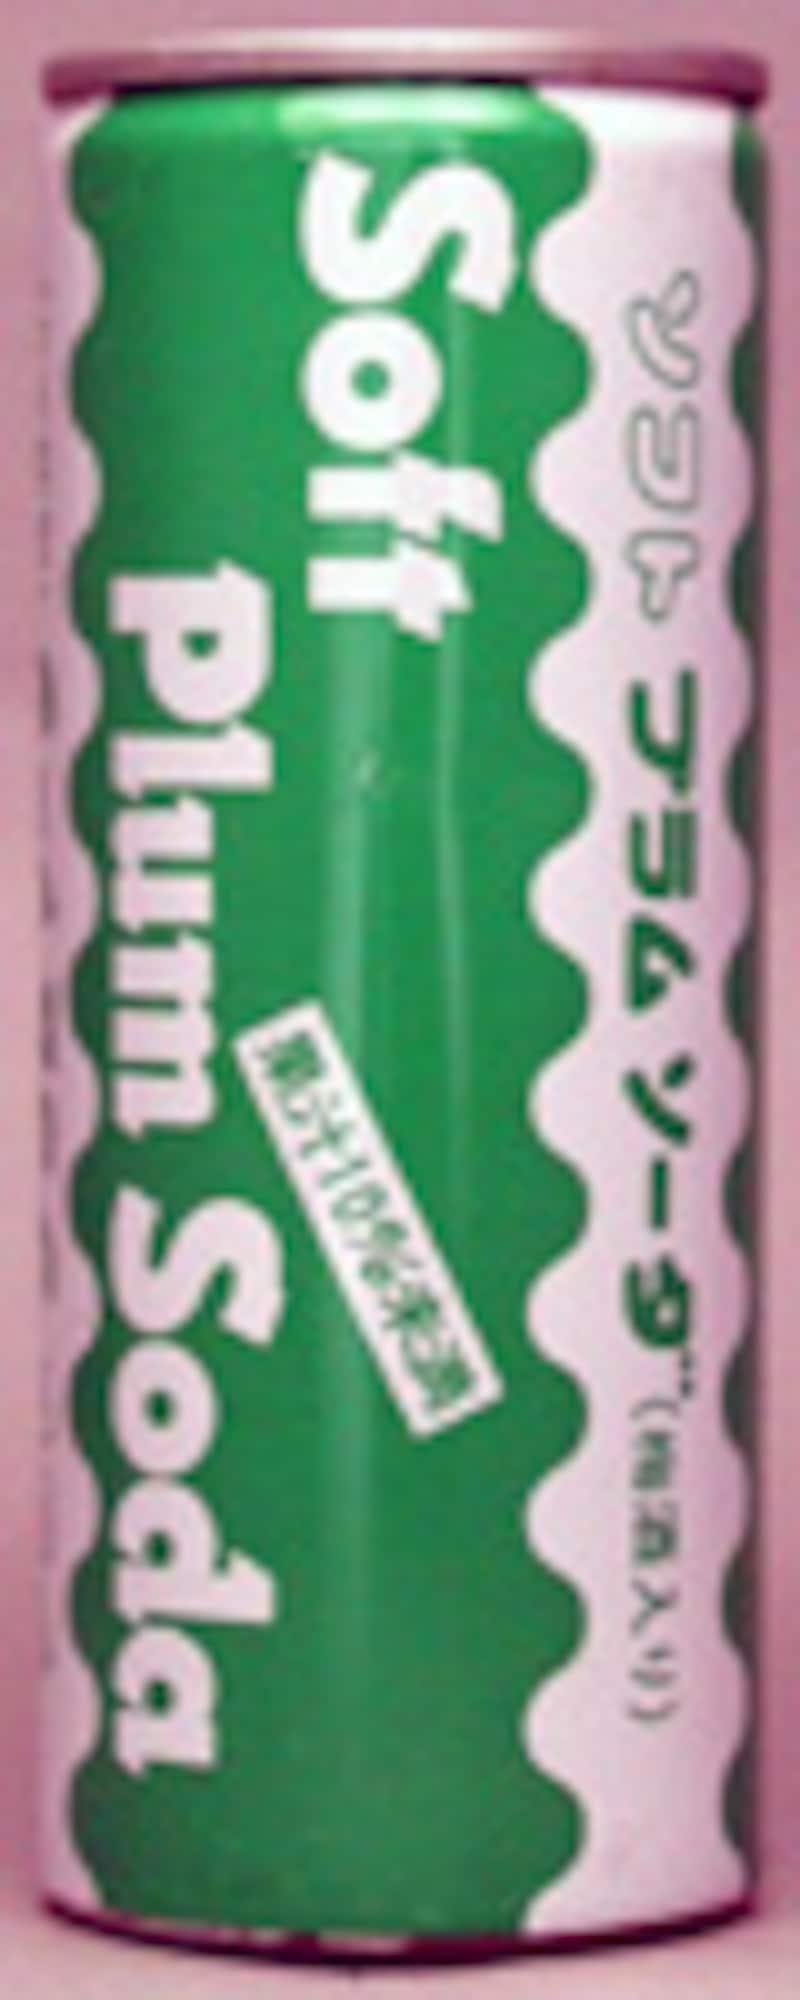 利根ソフトドリンク プラムソーダ